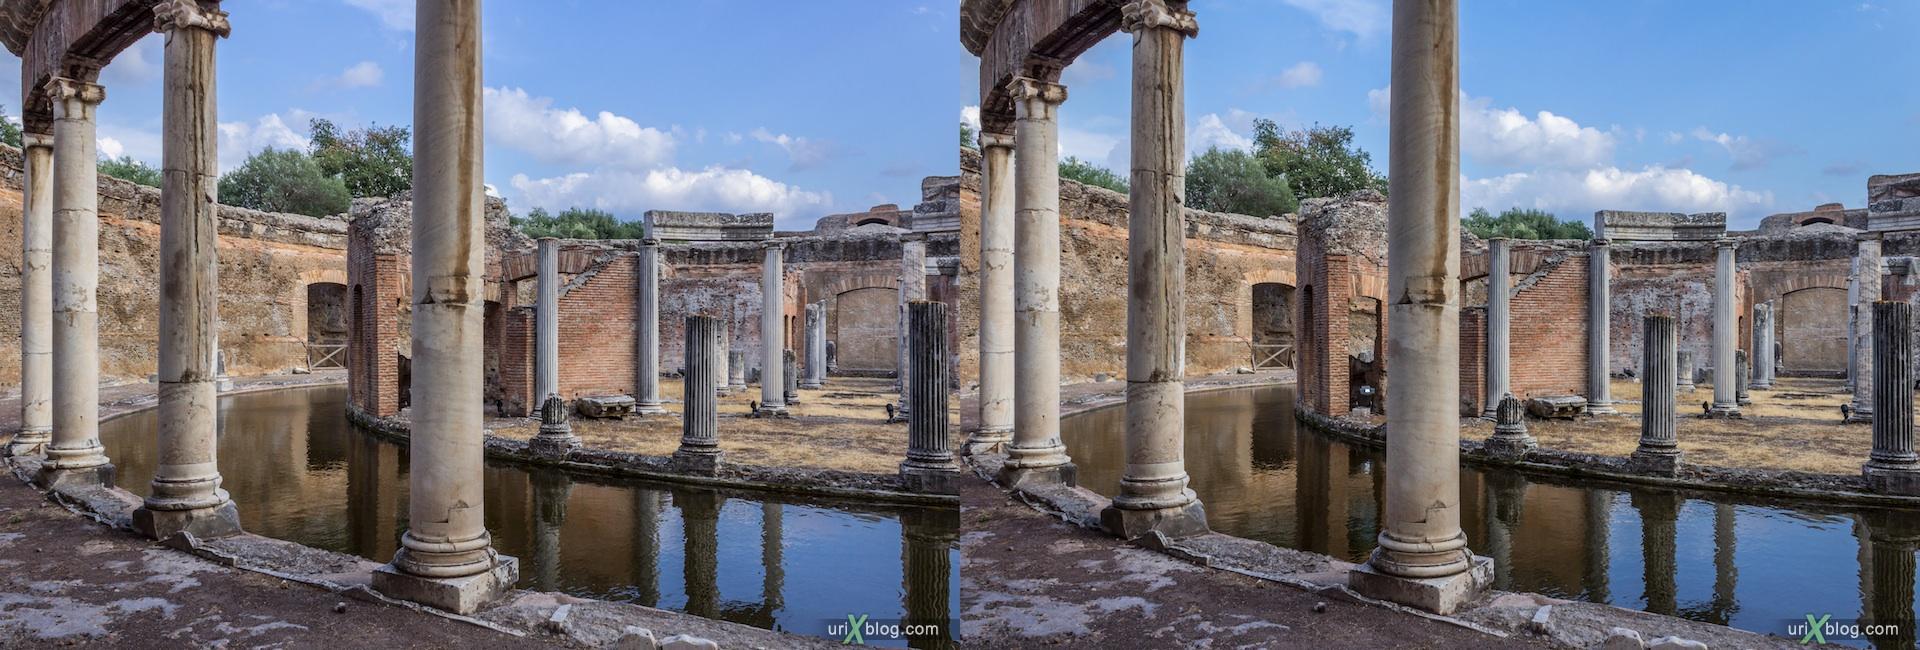 2012, Teatro Marittimo, Villa Adriana, Italy, Tivoli, Ancient Rome, 3D, stereo pair, cross-eyed, crossview, cross view stereo pair